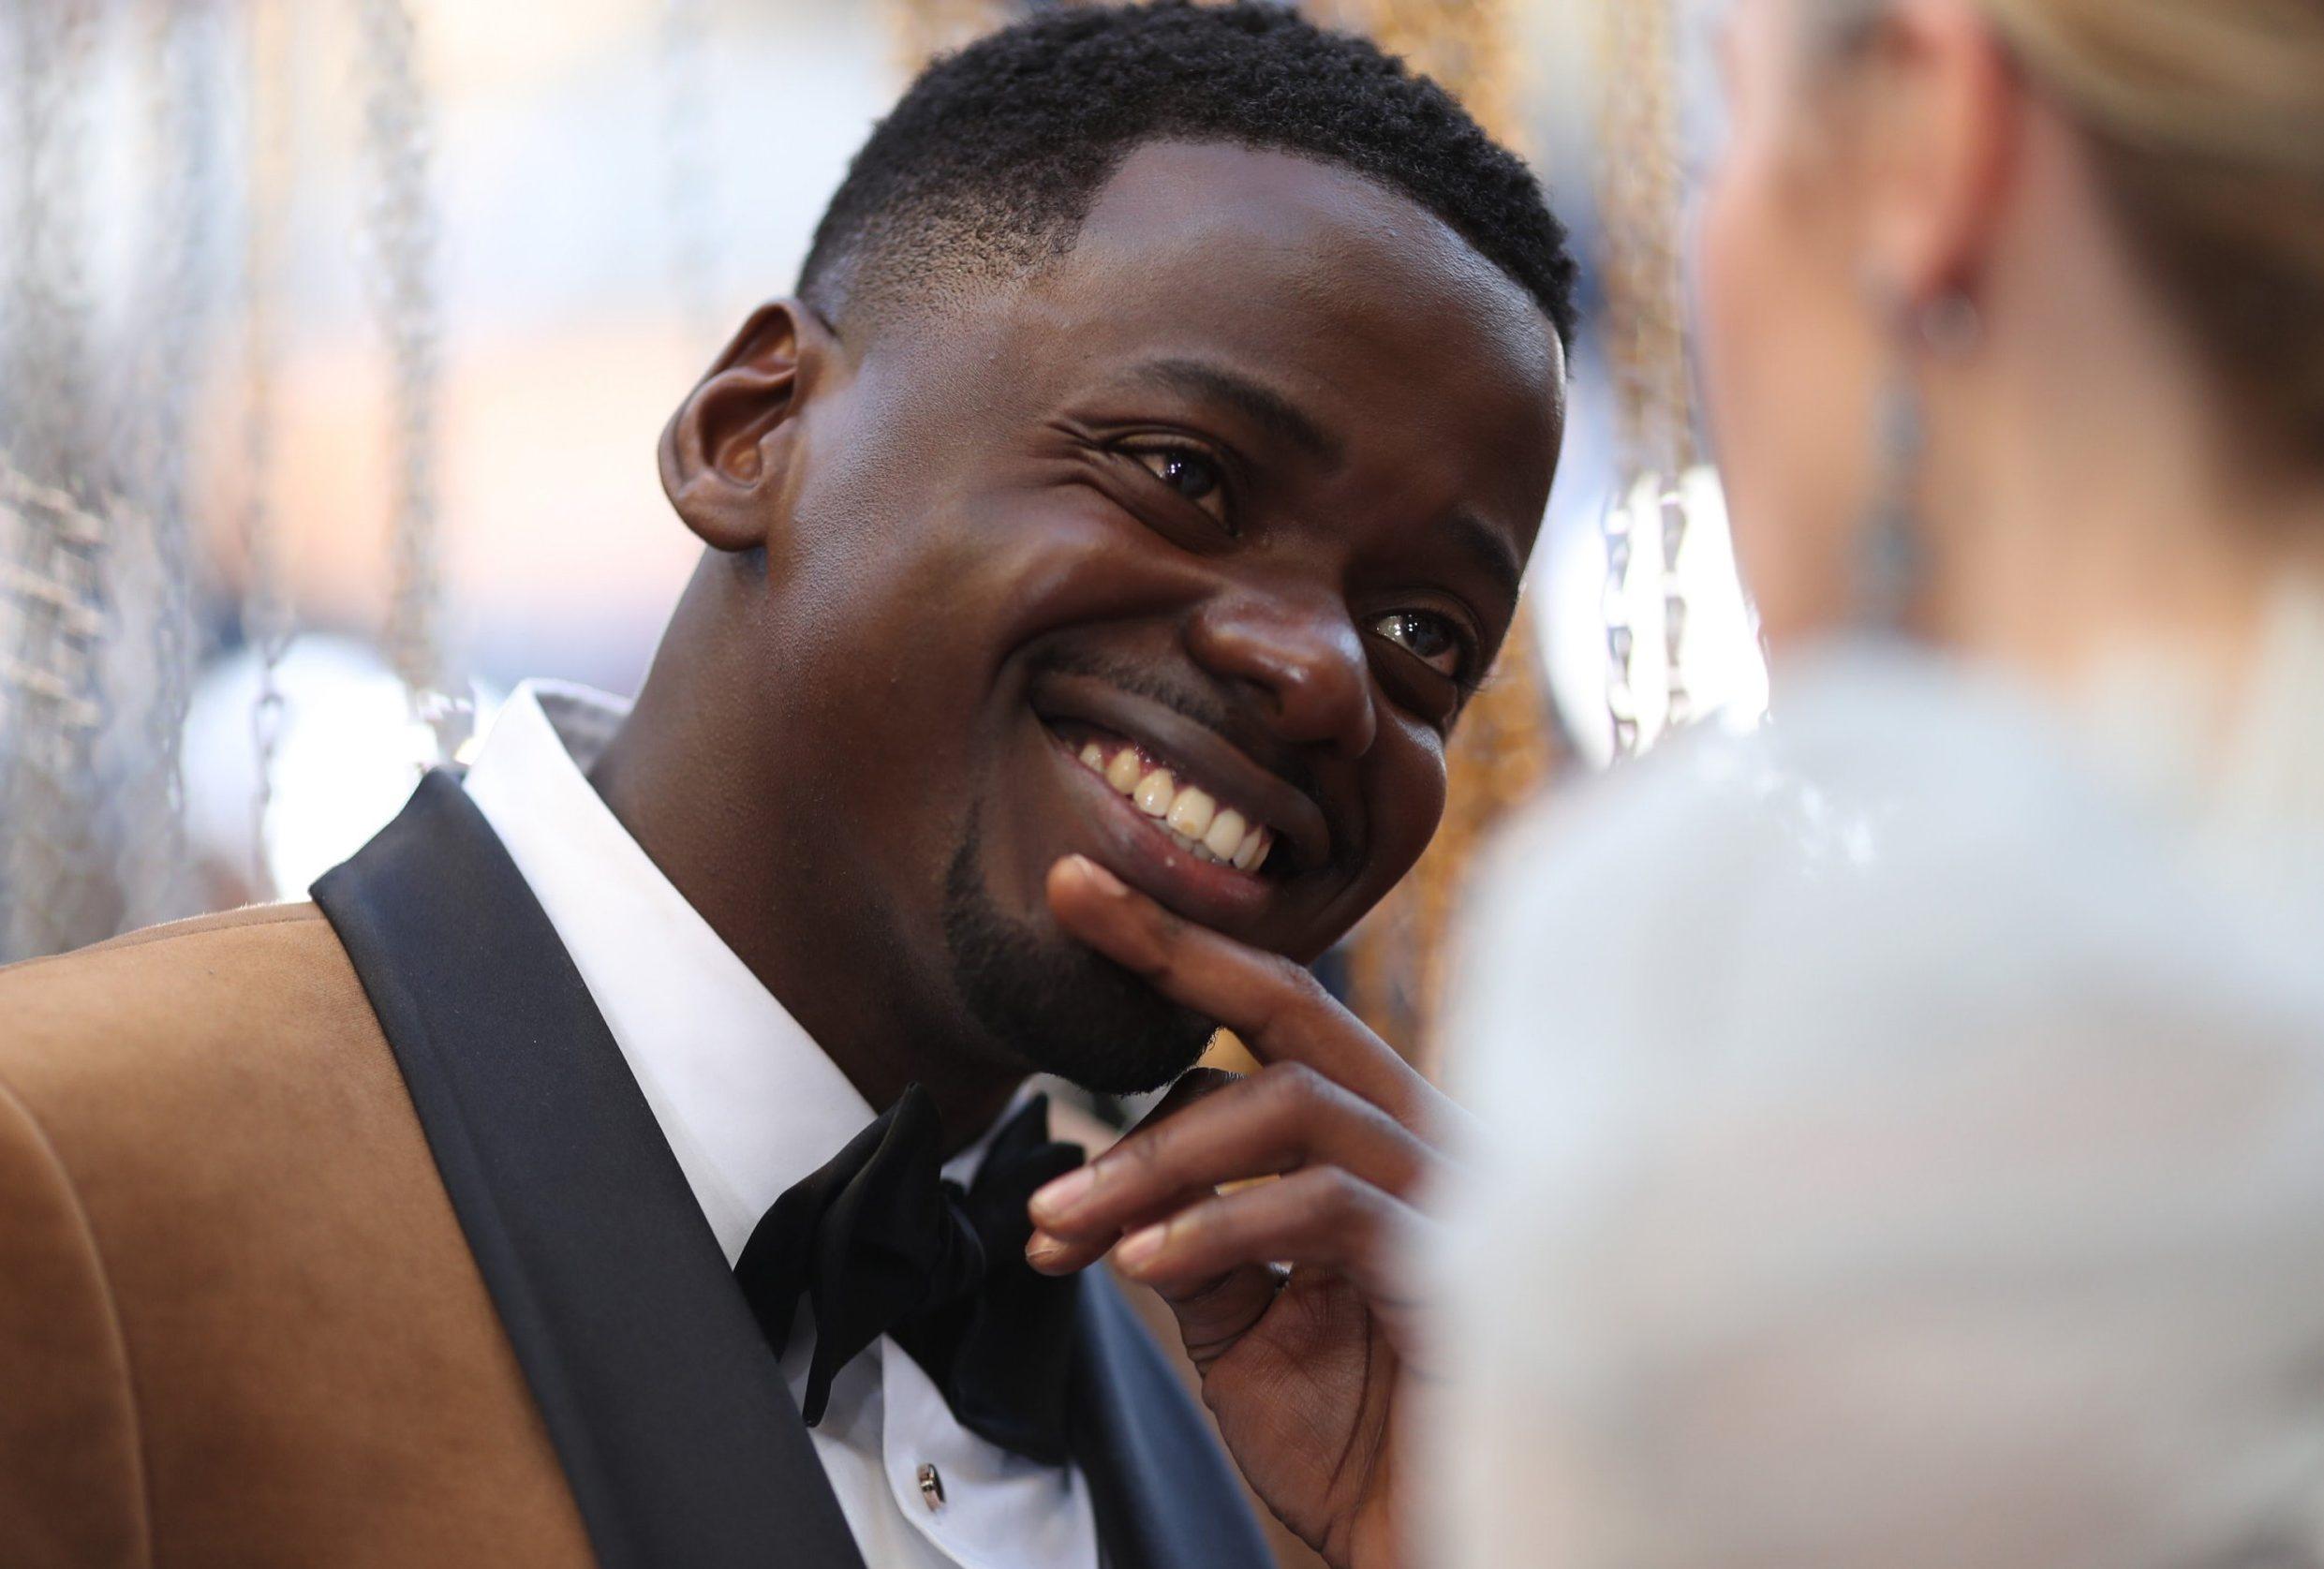 Daniel Kaluuya set to star as Black Panther Party's Fred Hampton in Ryan Coogler movie